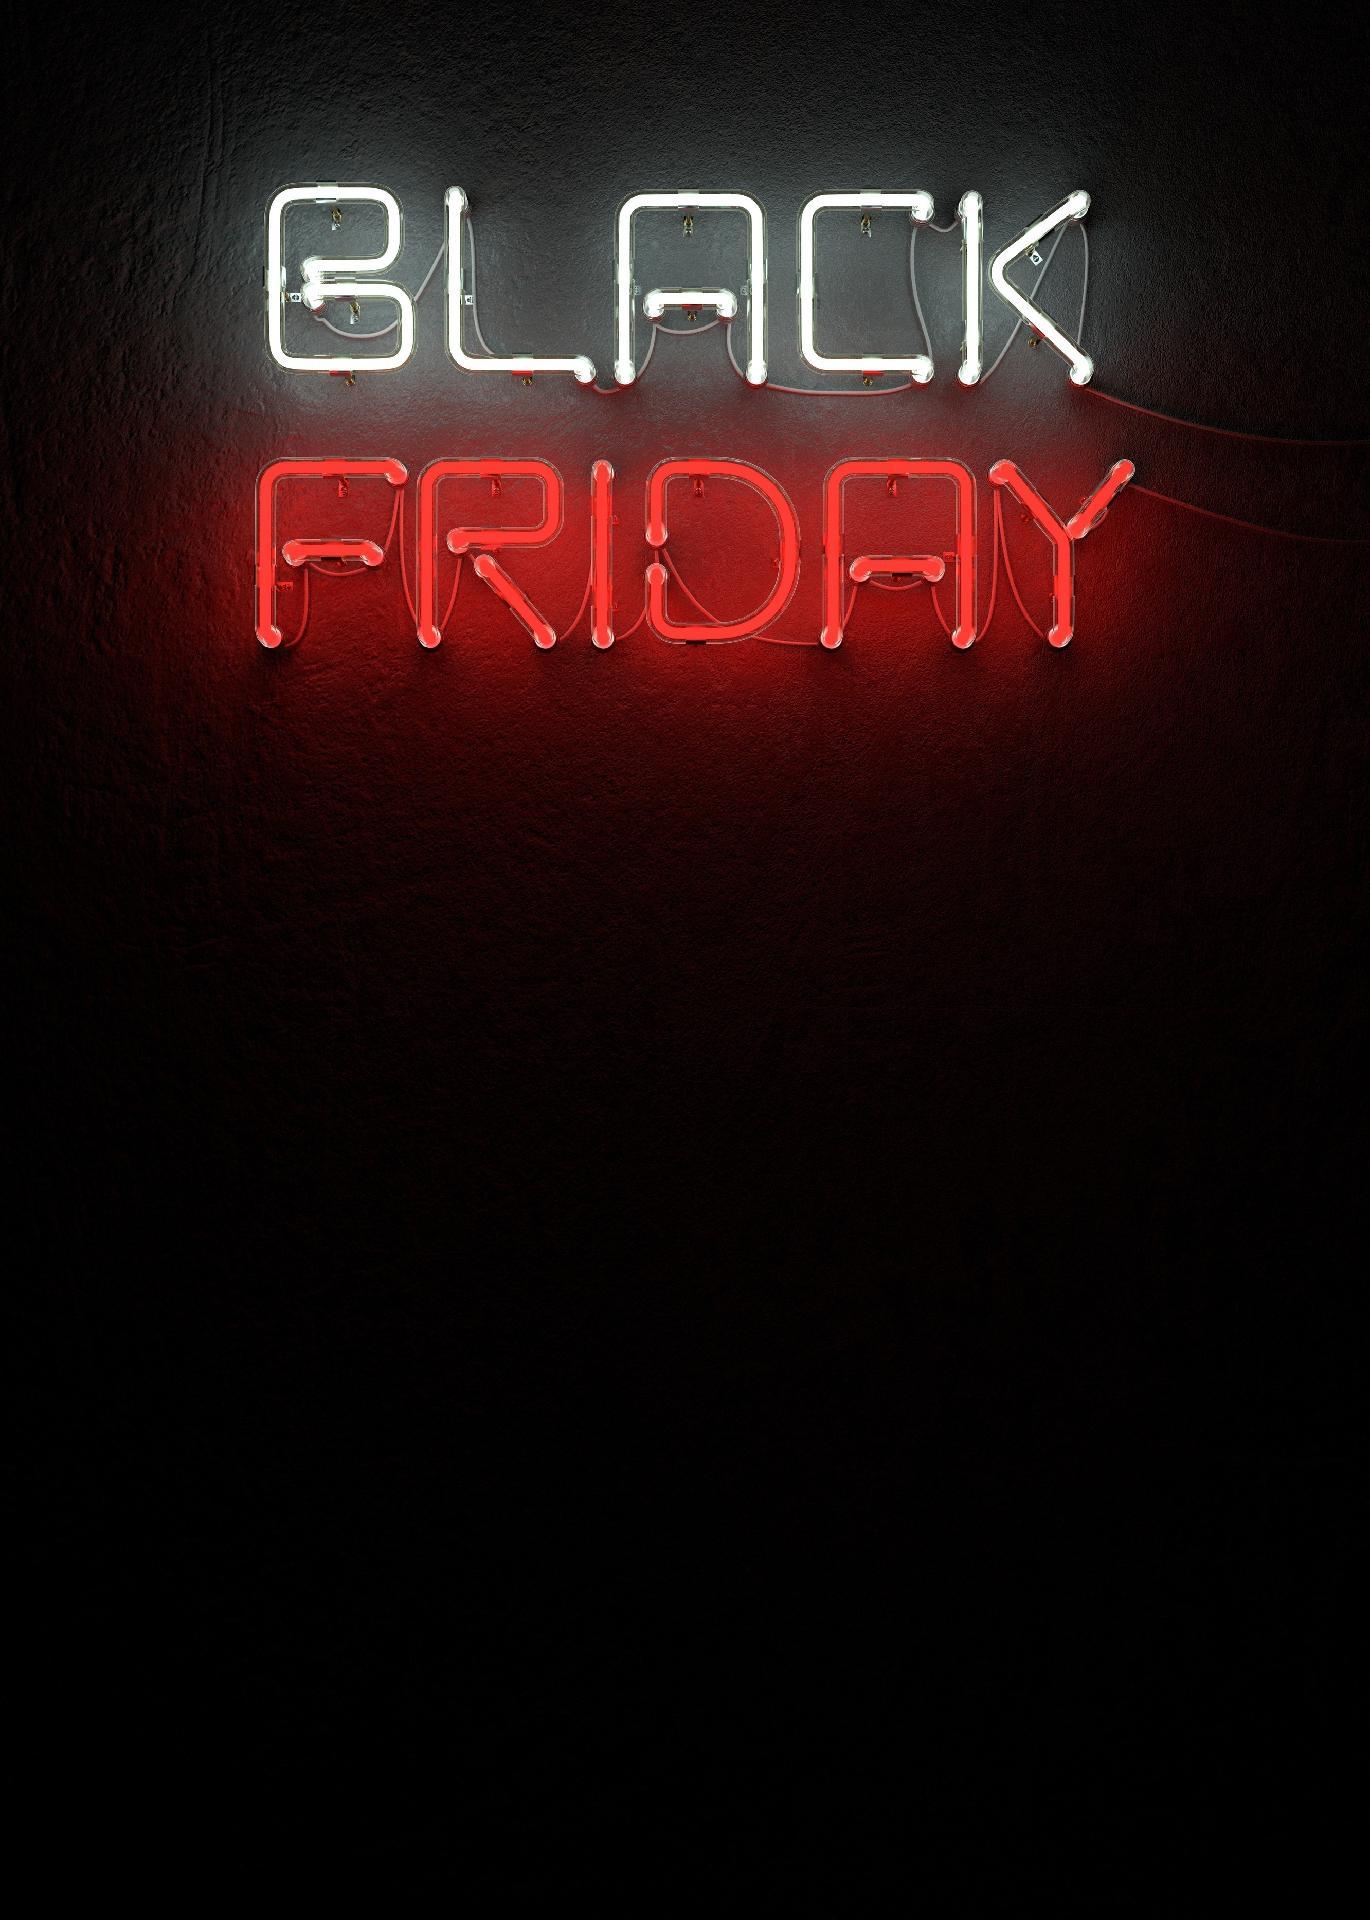 d8fbff64b6 Vai comprar na Black Friday  Conheça oito pegadinhas e saiba como evitá-las  - 22 11 2018 - UOL Economia